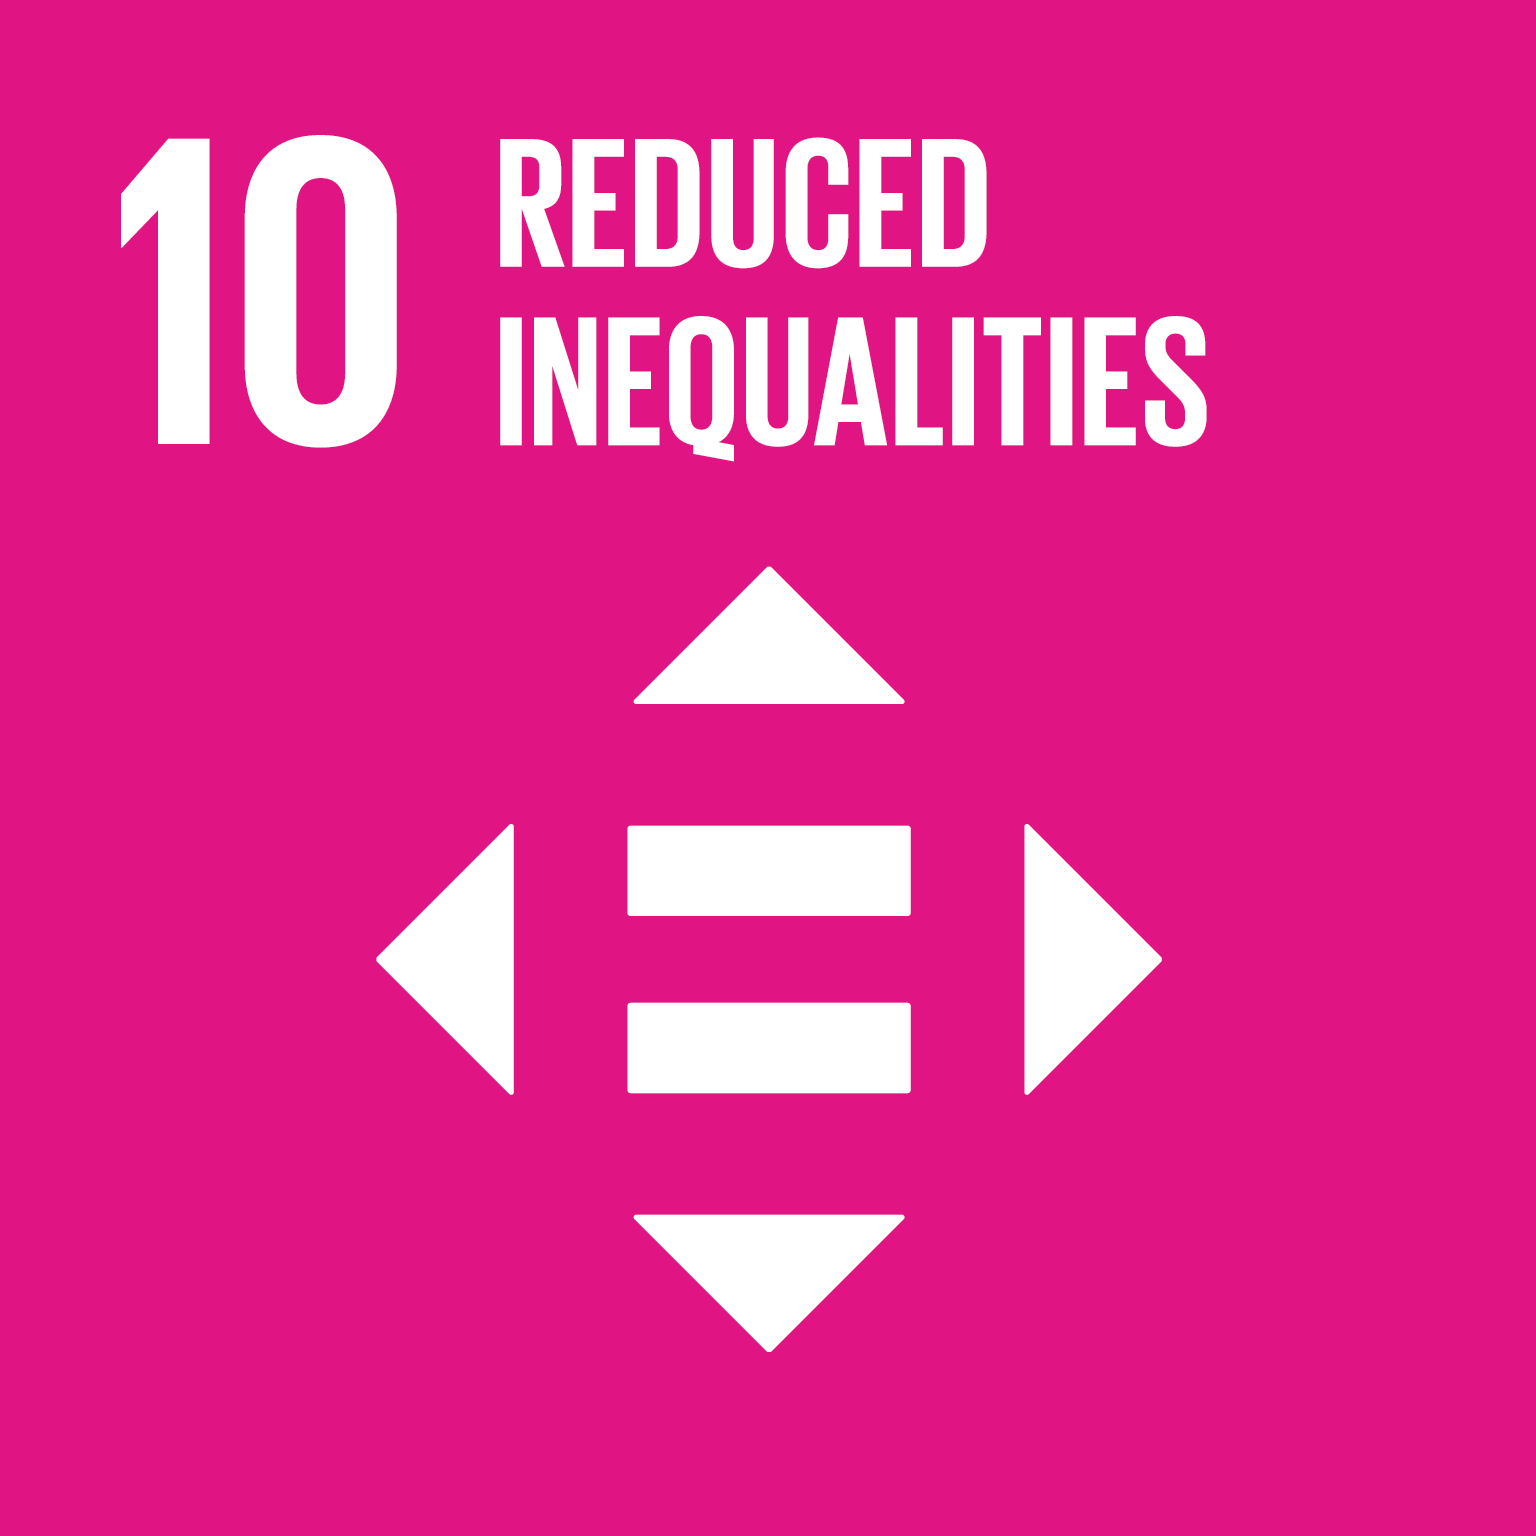 減少國內及國家間不平等